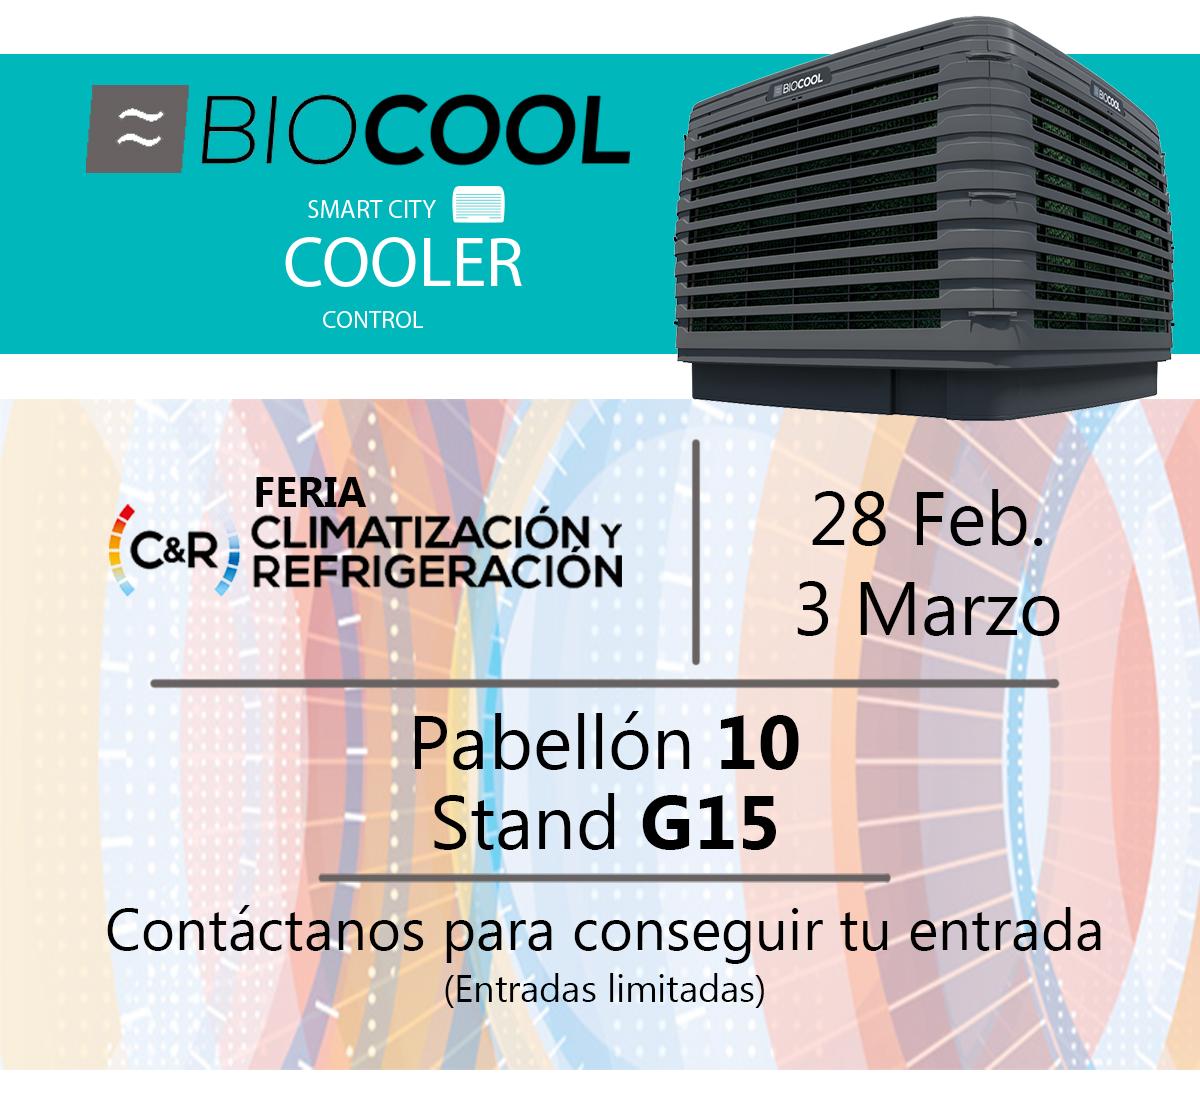 Feria Climatización y Refrigeración